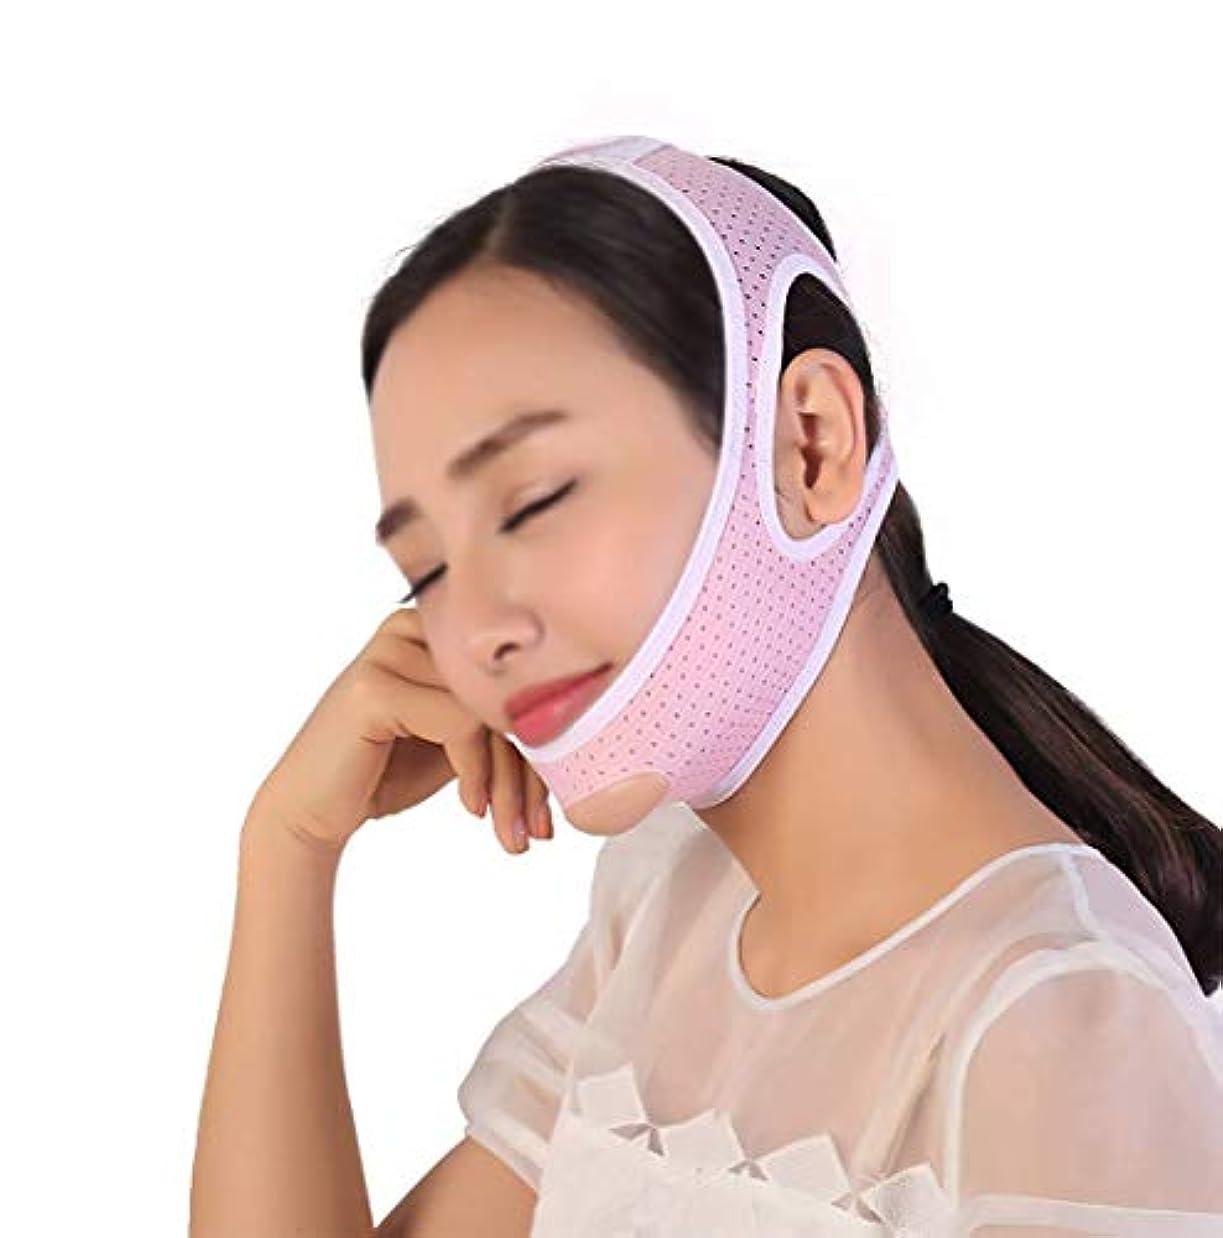 再開遺伝子アライメントフェイスリフトフェイシャル、肌のリラクゼーションを防ぐためのタイトなVフェイスマスクVフェイスアーティファクトフェイスリフトバンデージフェイスケア(サイズ:M)